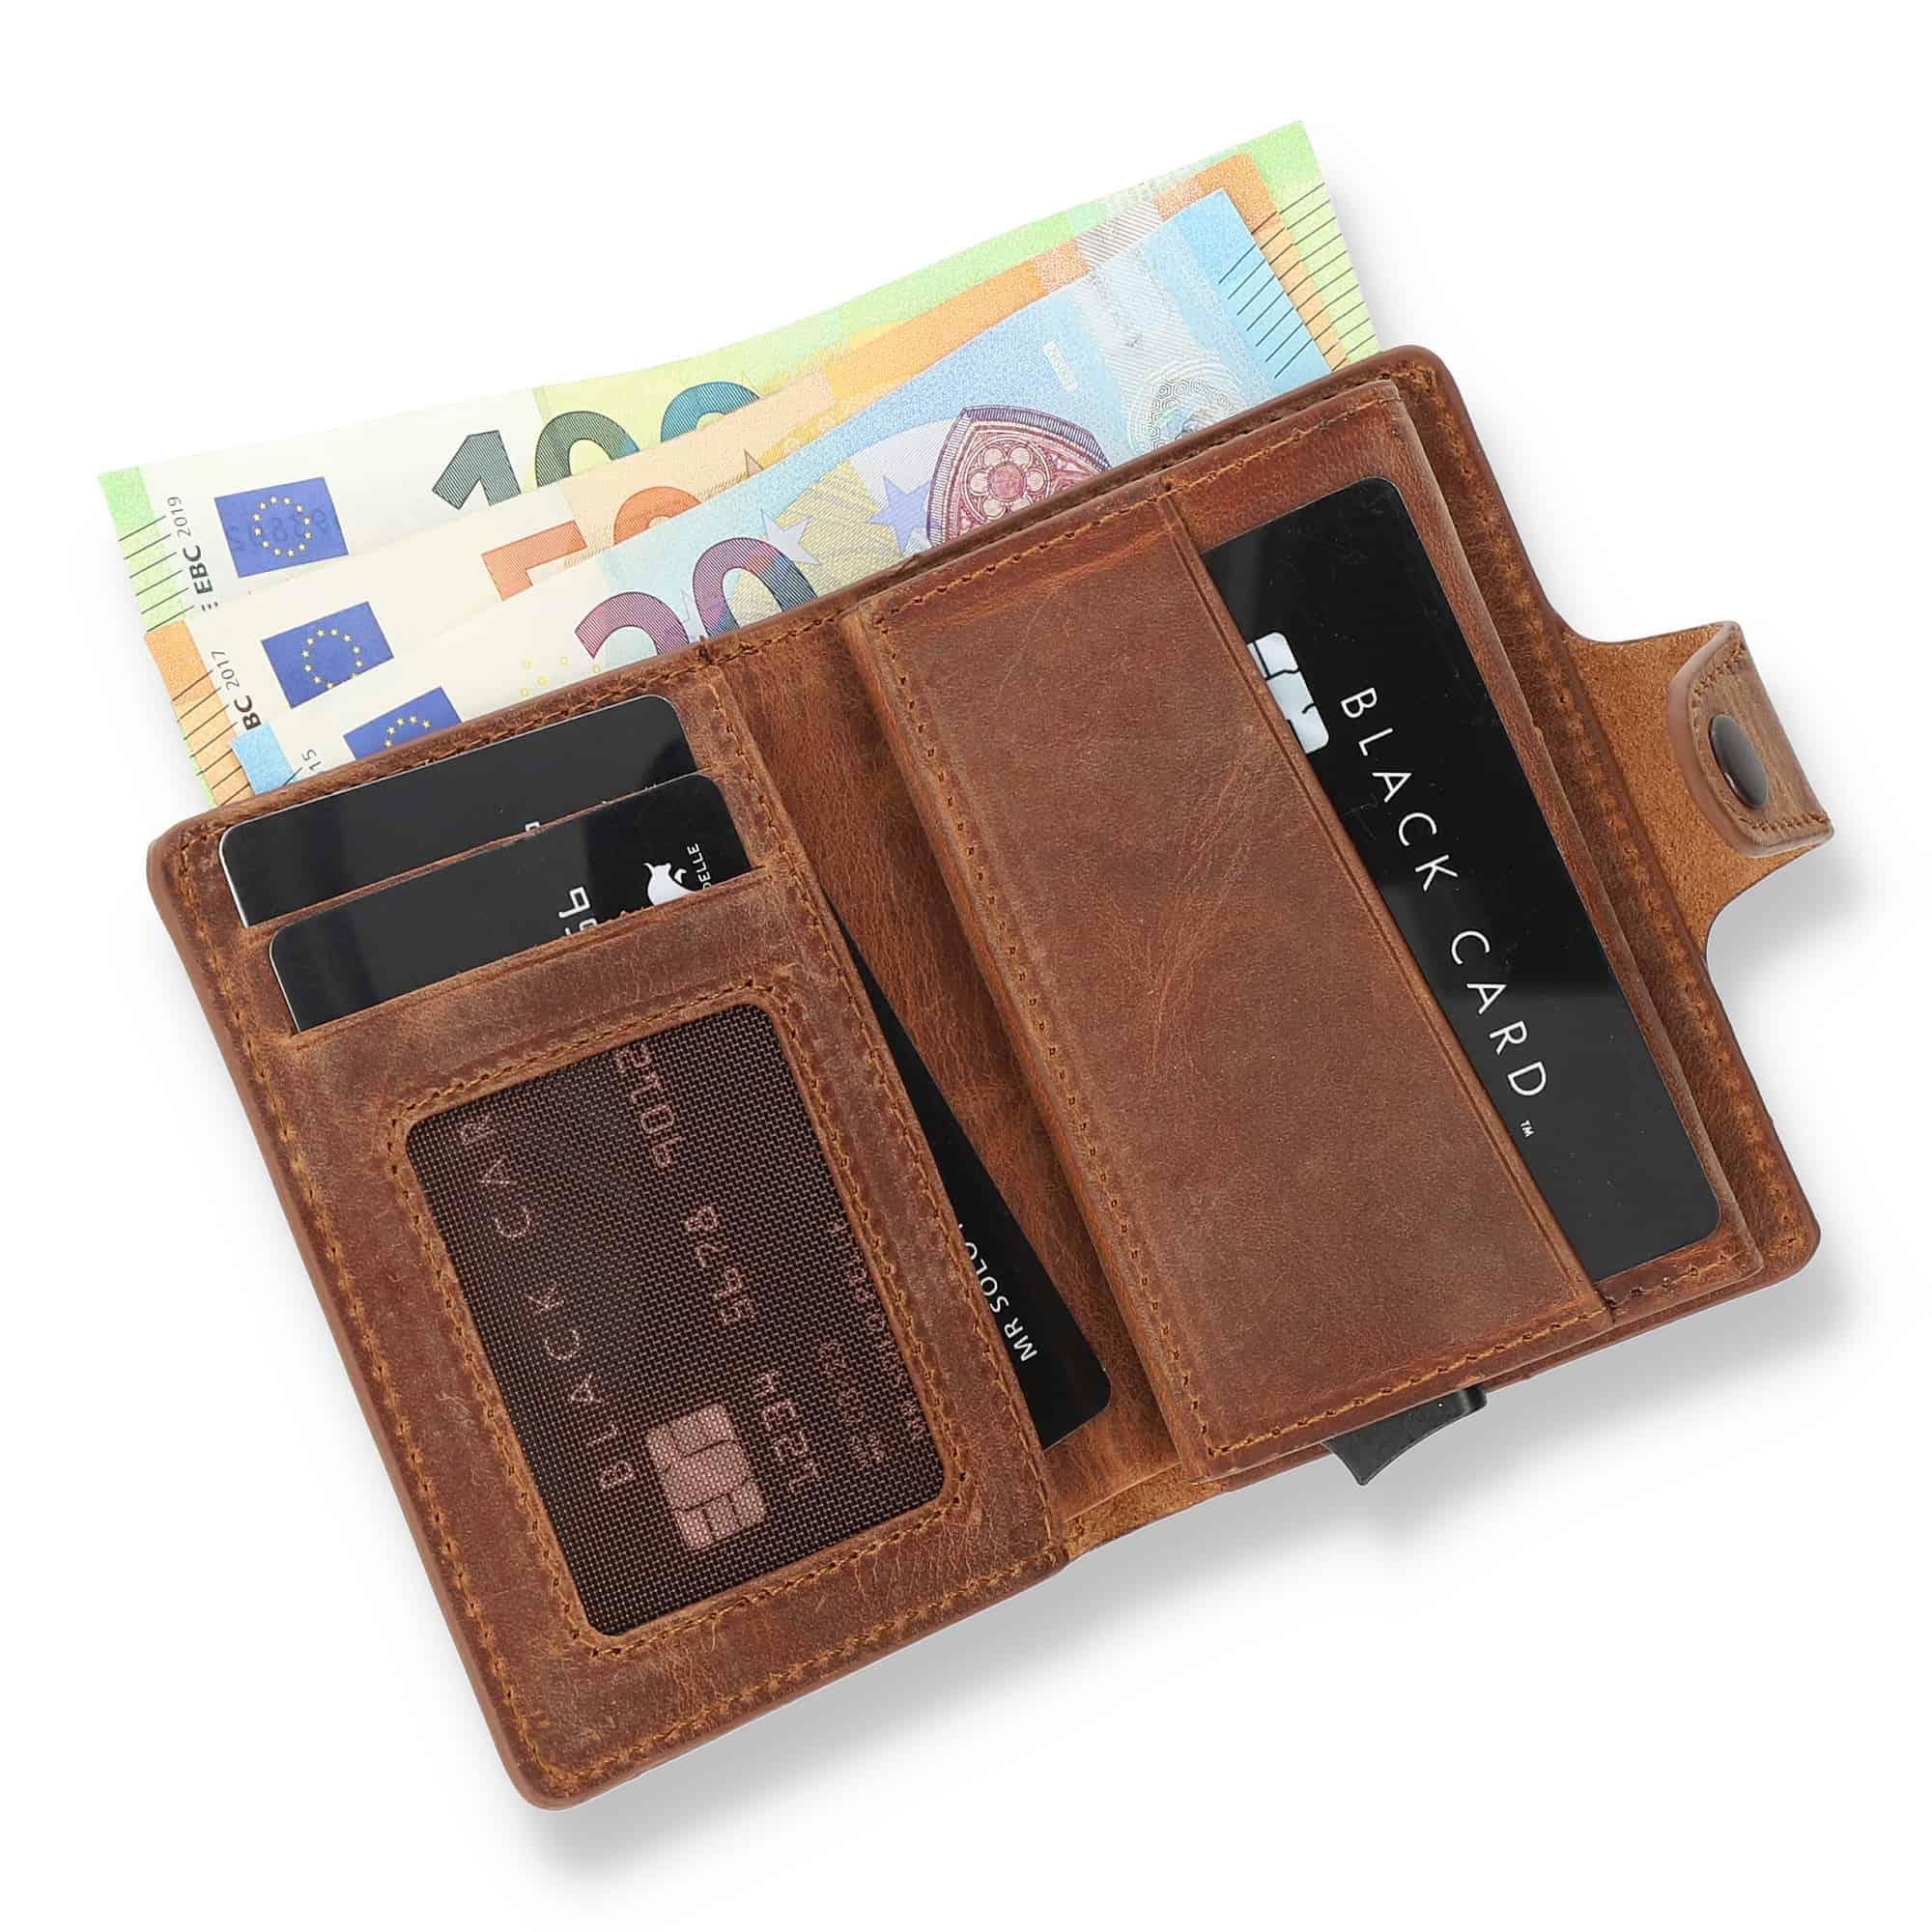 Solo Pelle Leder Geldbörse Q-Wallet mit integriertem Kartenetui für 15 Karten + Geldscheine geeignet   Kreditkartenetui mit RFID (Vintage Braun + abnehmbares Kartenetui)